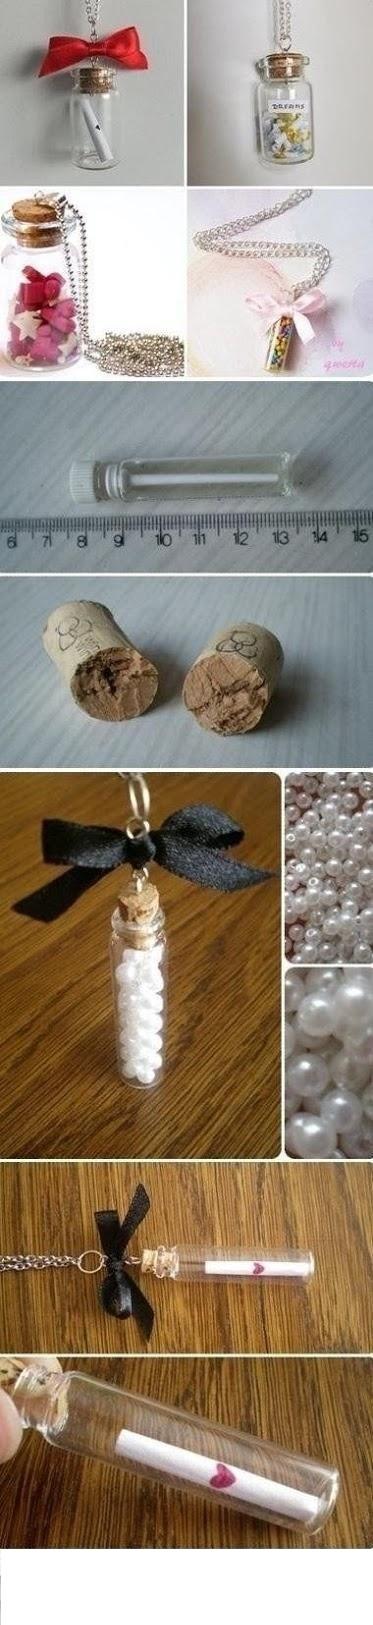 DIY-Handmade (3)